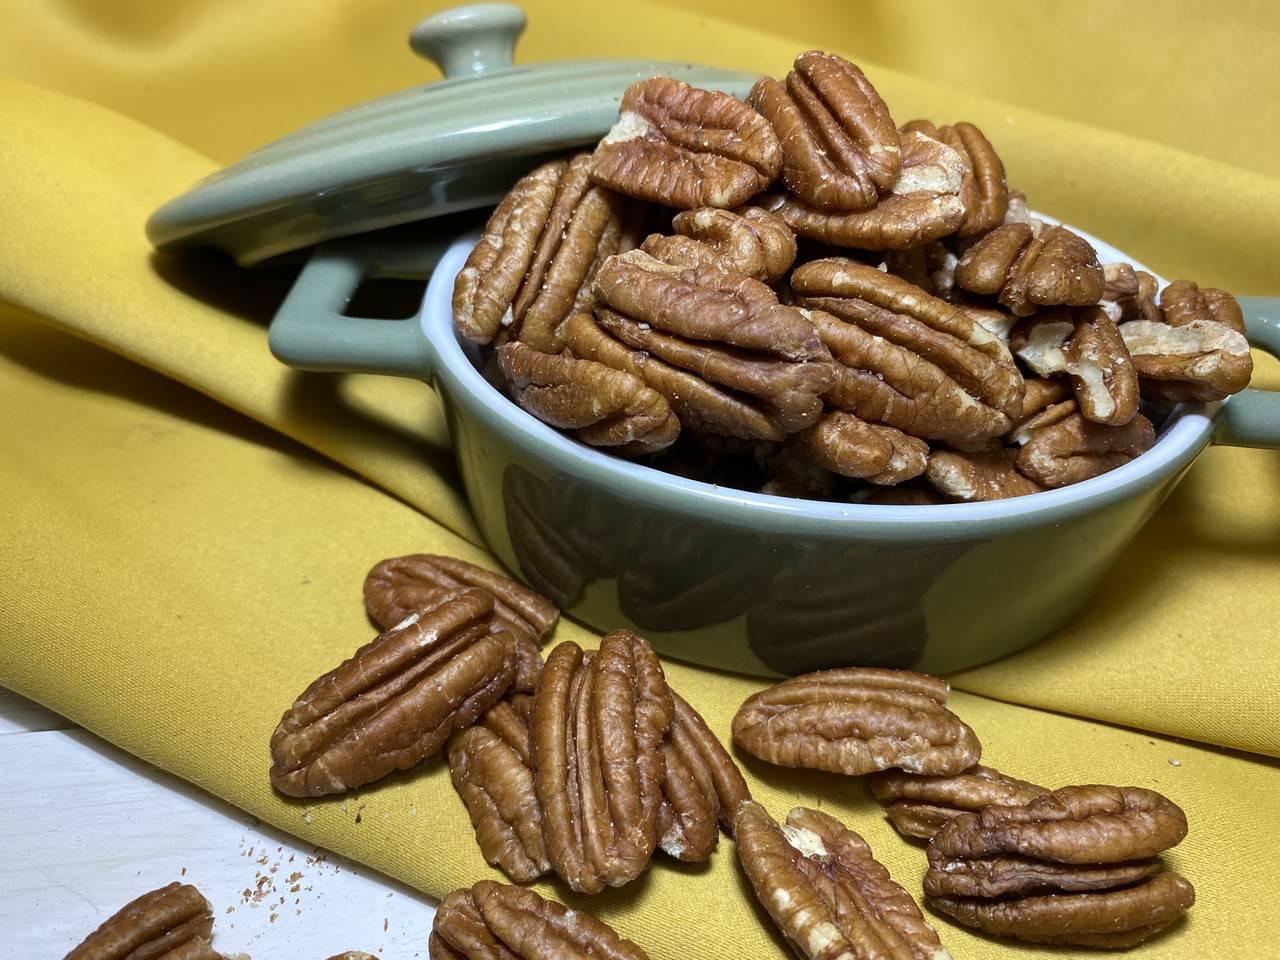 Все про орех пекан: описание, полезные свойства - ответы на вопросы